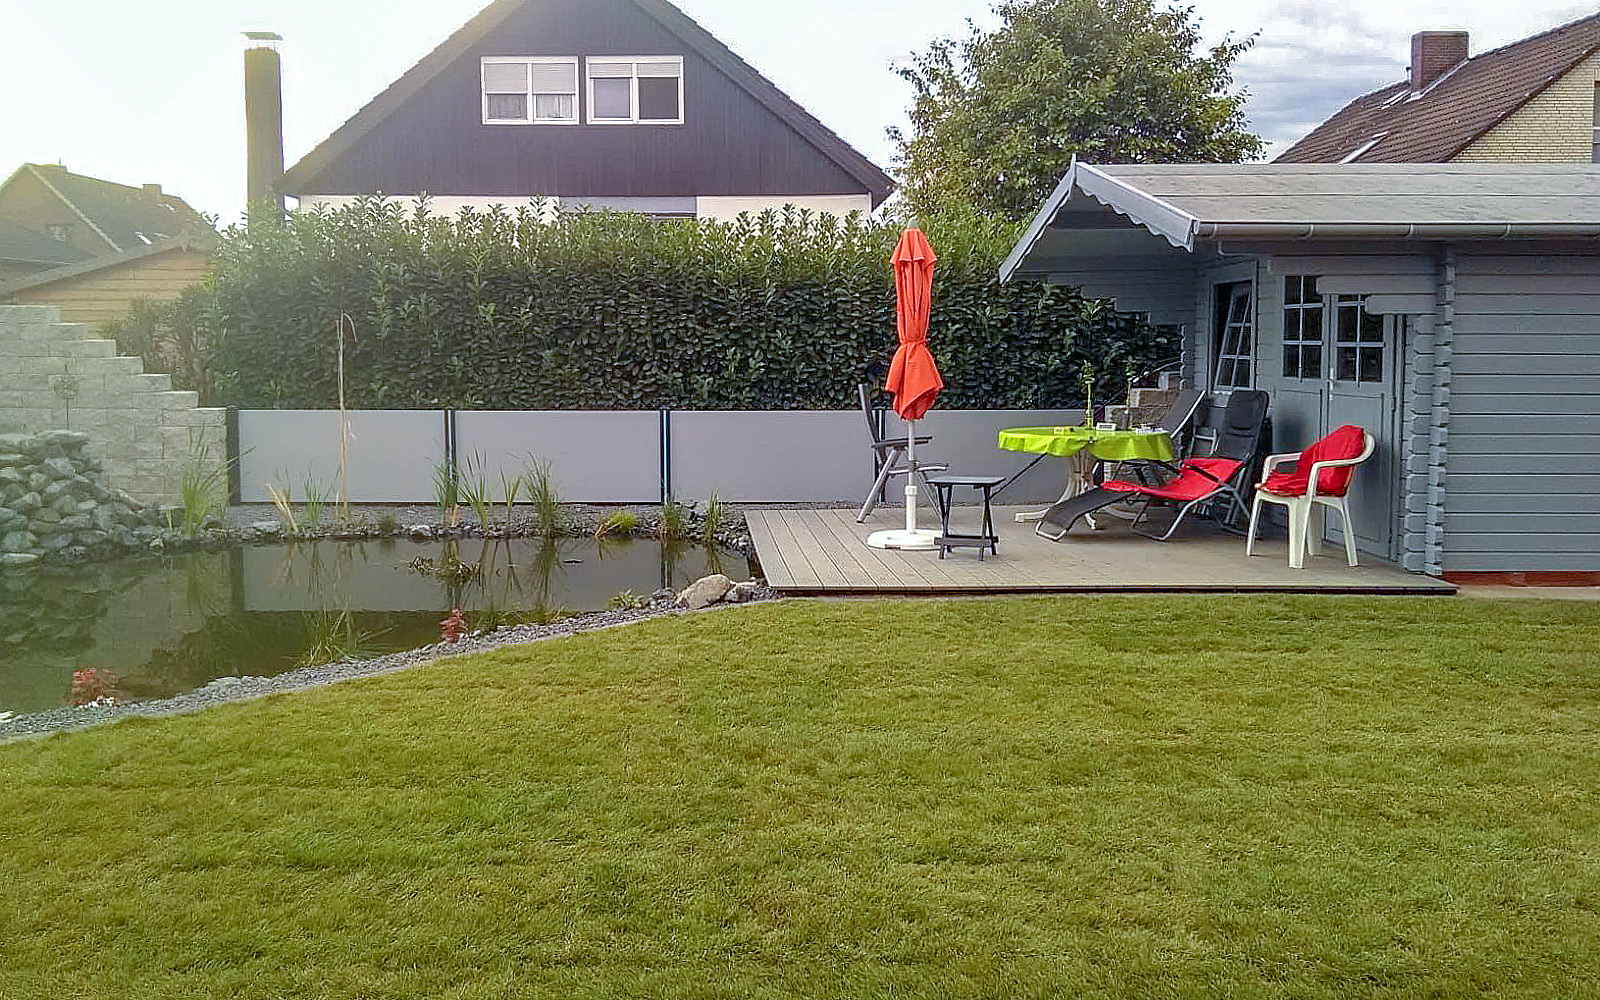 Gartenhaus und WPC Terrasse, Einfassung Aluminiumstecksystem, Mauer aus Betonstein im SChlossmauer-look